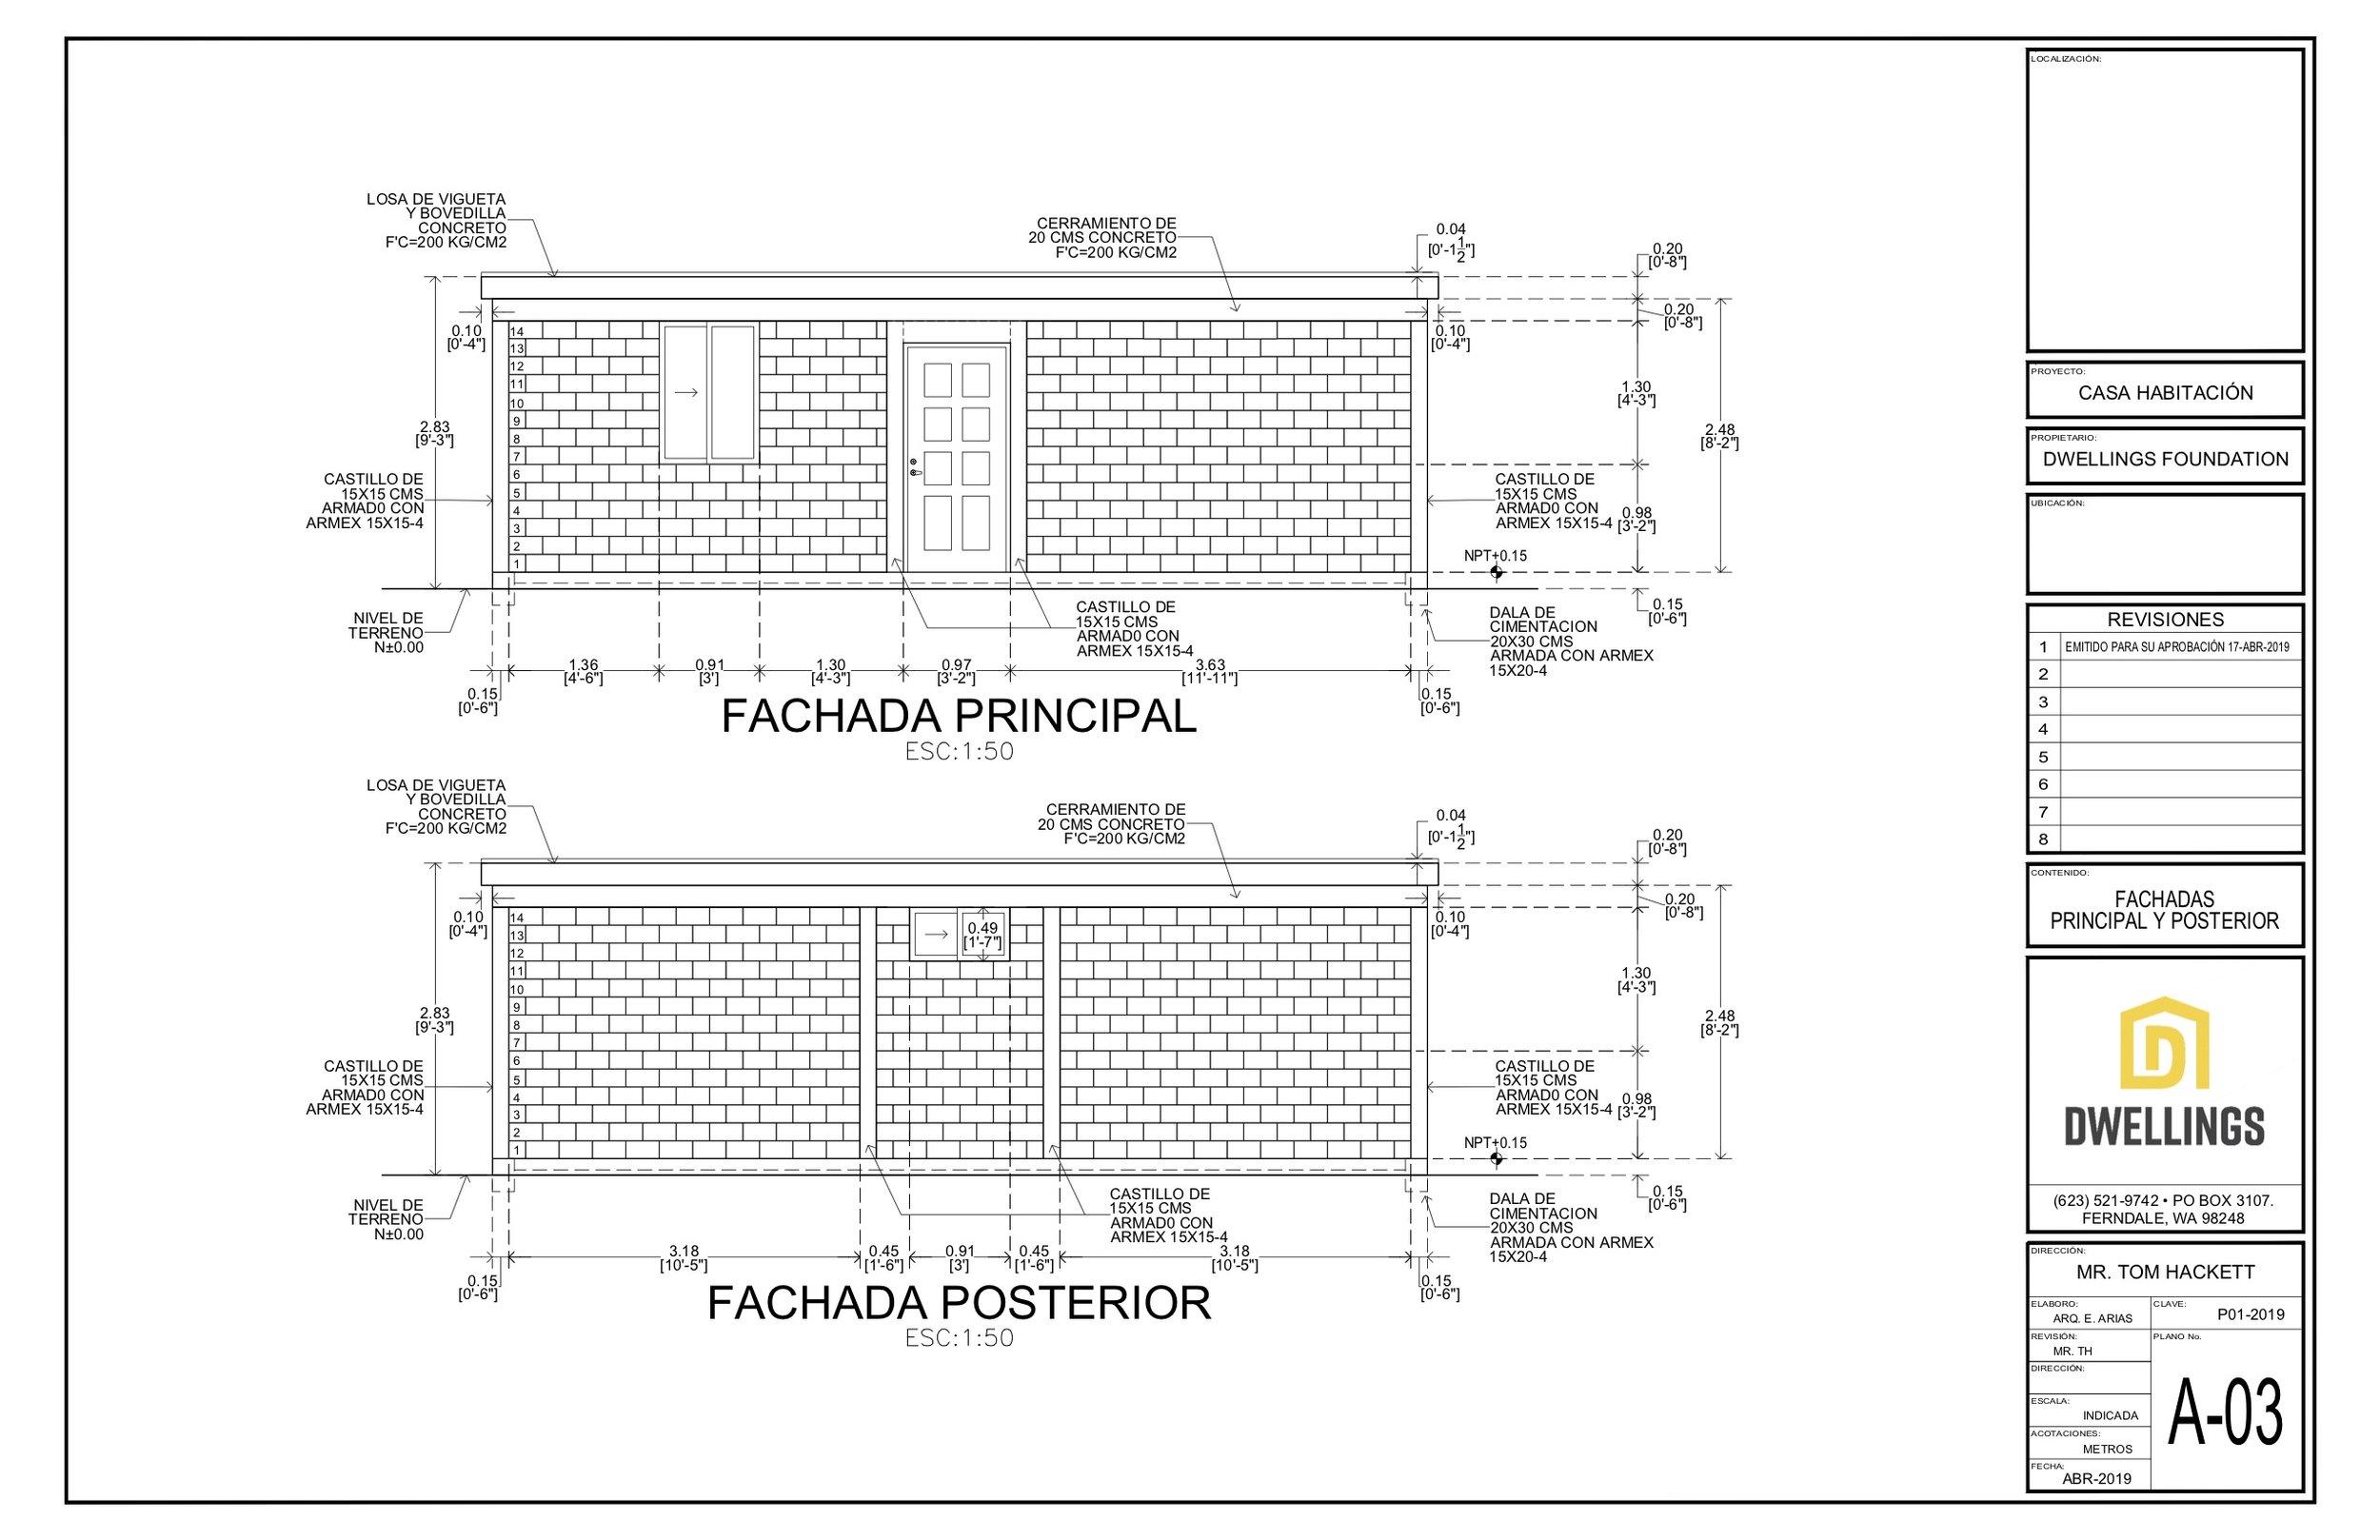 A-03 Fachada Principal y Posterior.jpg